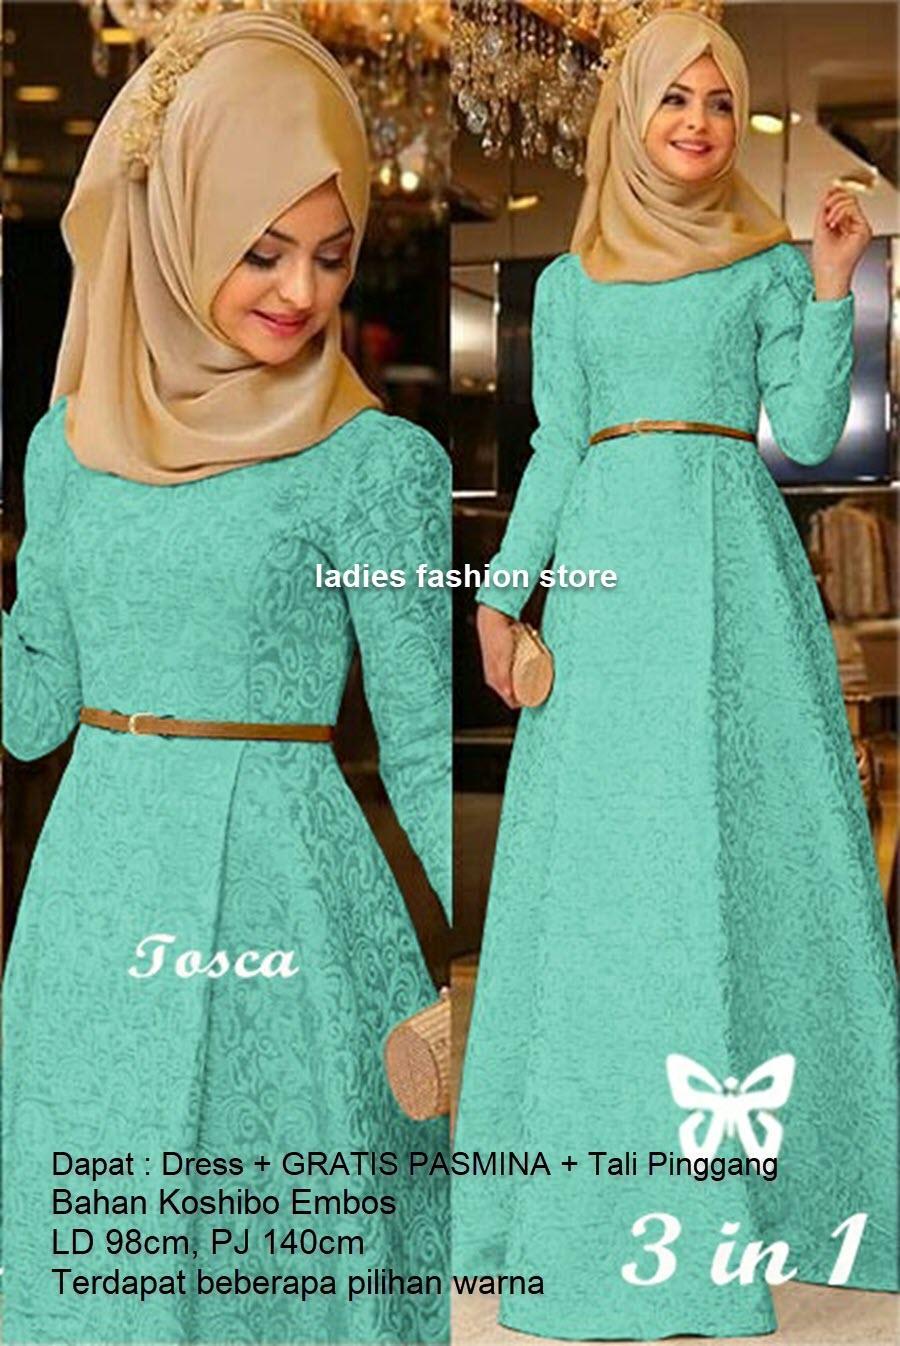 Gamis Remaja Polos Murah GRATIS PASMINA Dan BELT / Dress Pesta Gamis Model  Baru / Gamis Terbaru Modern / Dress Cewek Muslimah / Hijab Muslim / Muslim